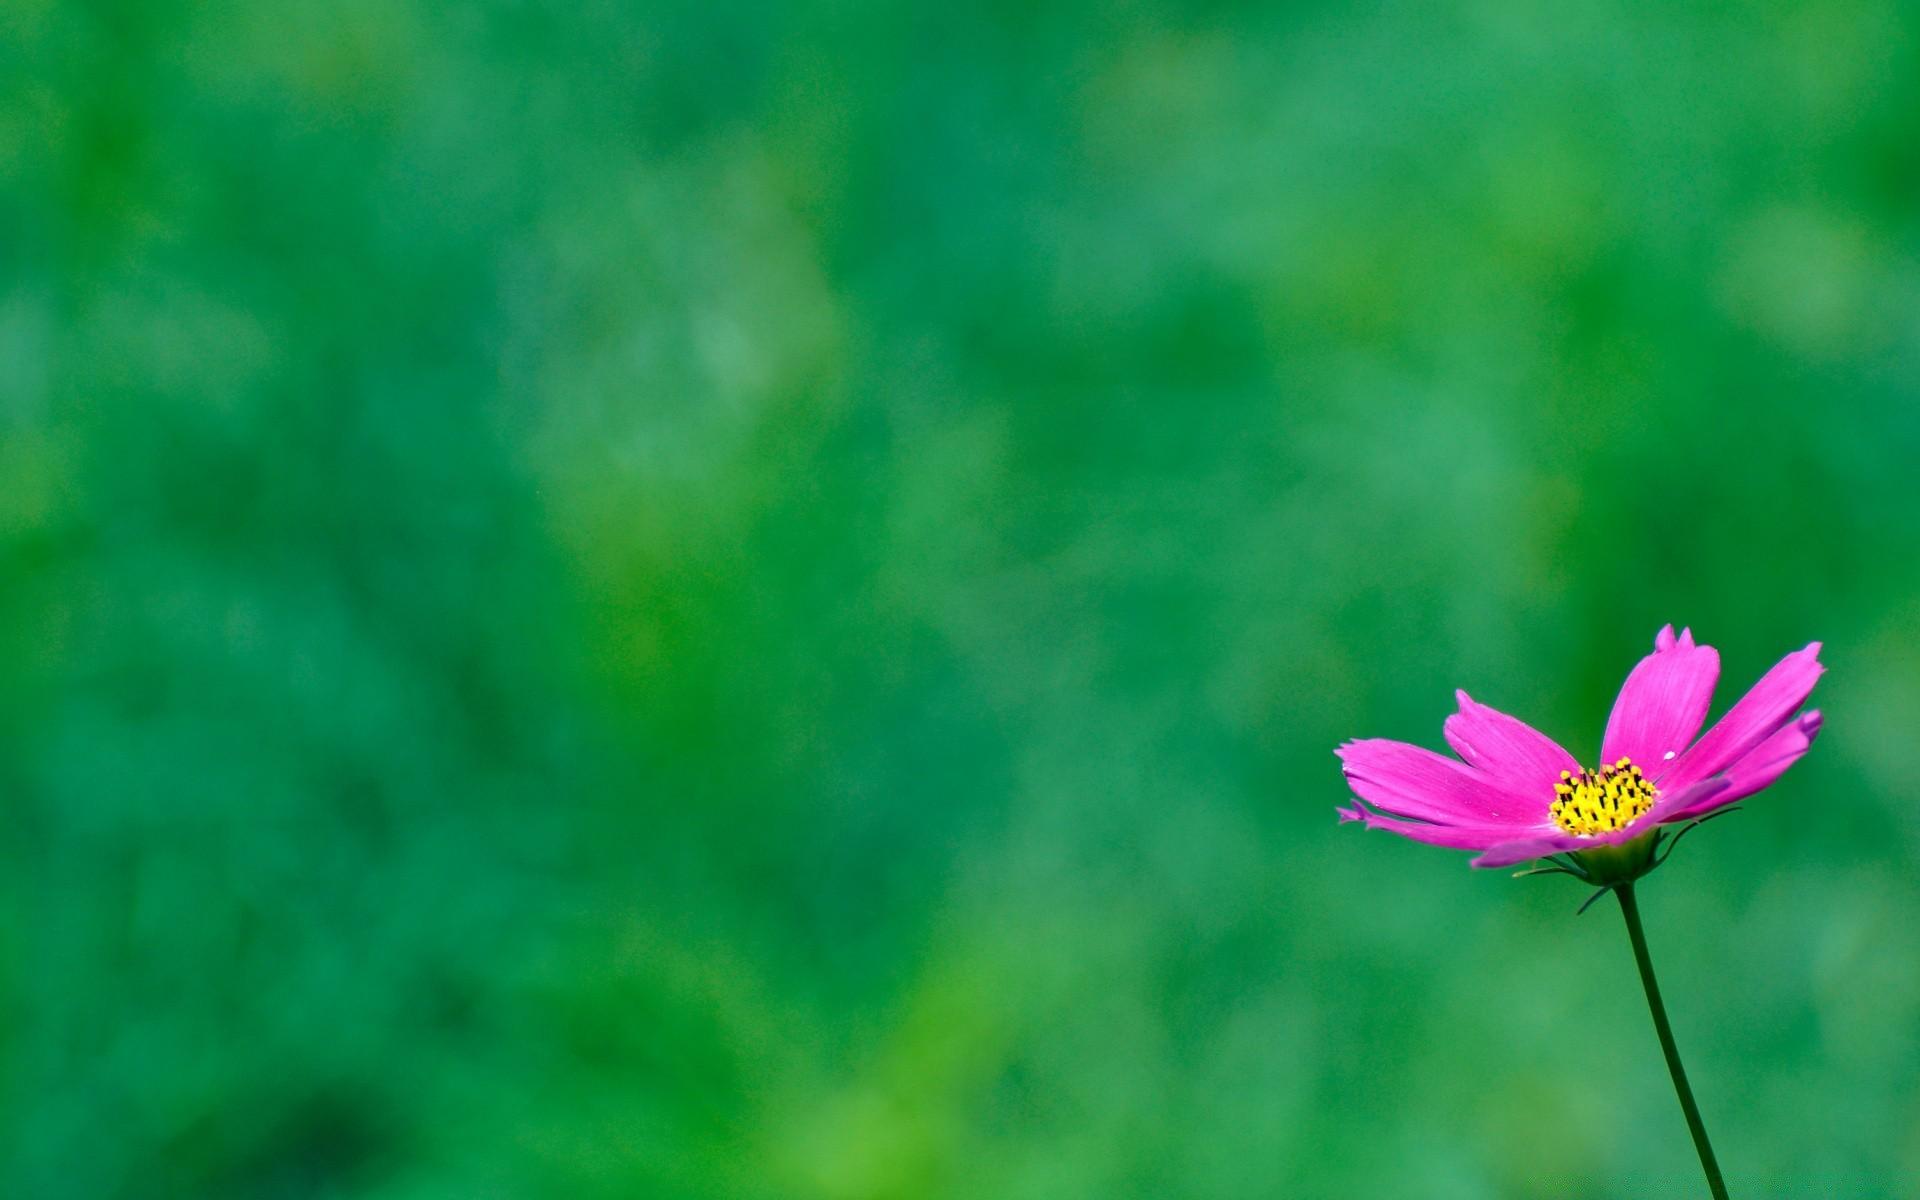 обои на зеленом фоне цветы онлайн каталог